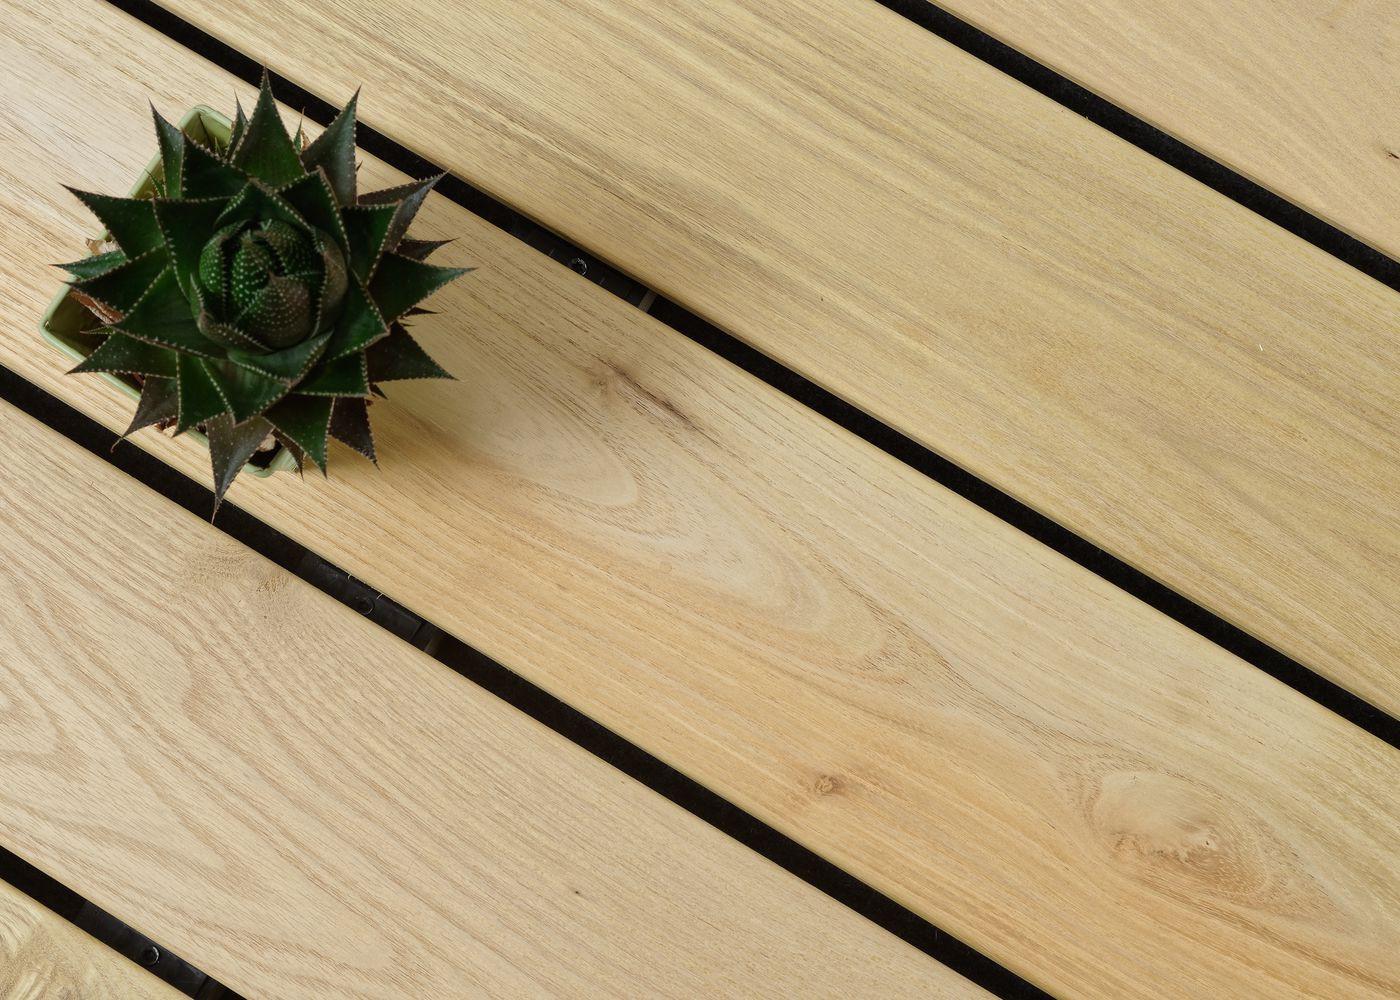 Lame de terrasse Acacia choix courant rives arrondies fixation à visser 1 face profil lisse ou 1 face profil Bombé à preciser à la commande - (longueurs: 1200-1600-2000-2400mm) - coupe droite en bout - PEFC 21x125x1200-2400